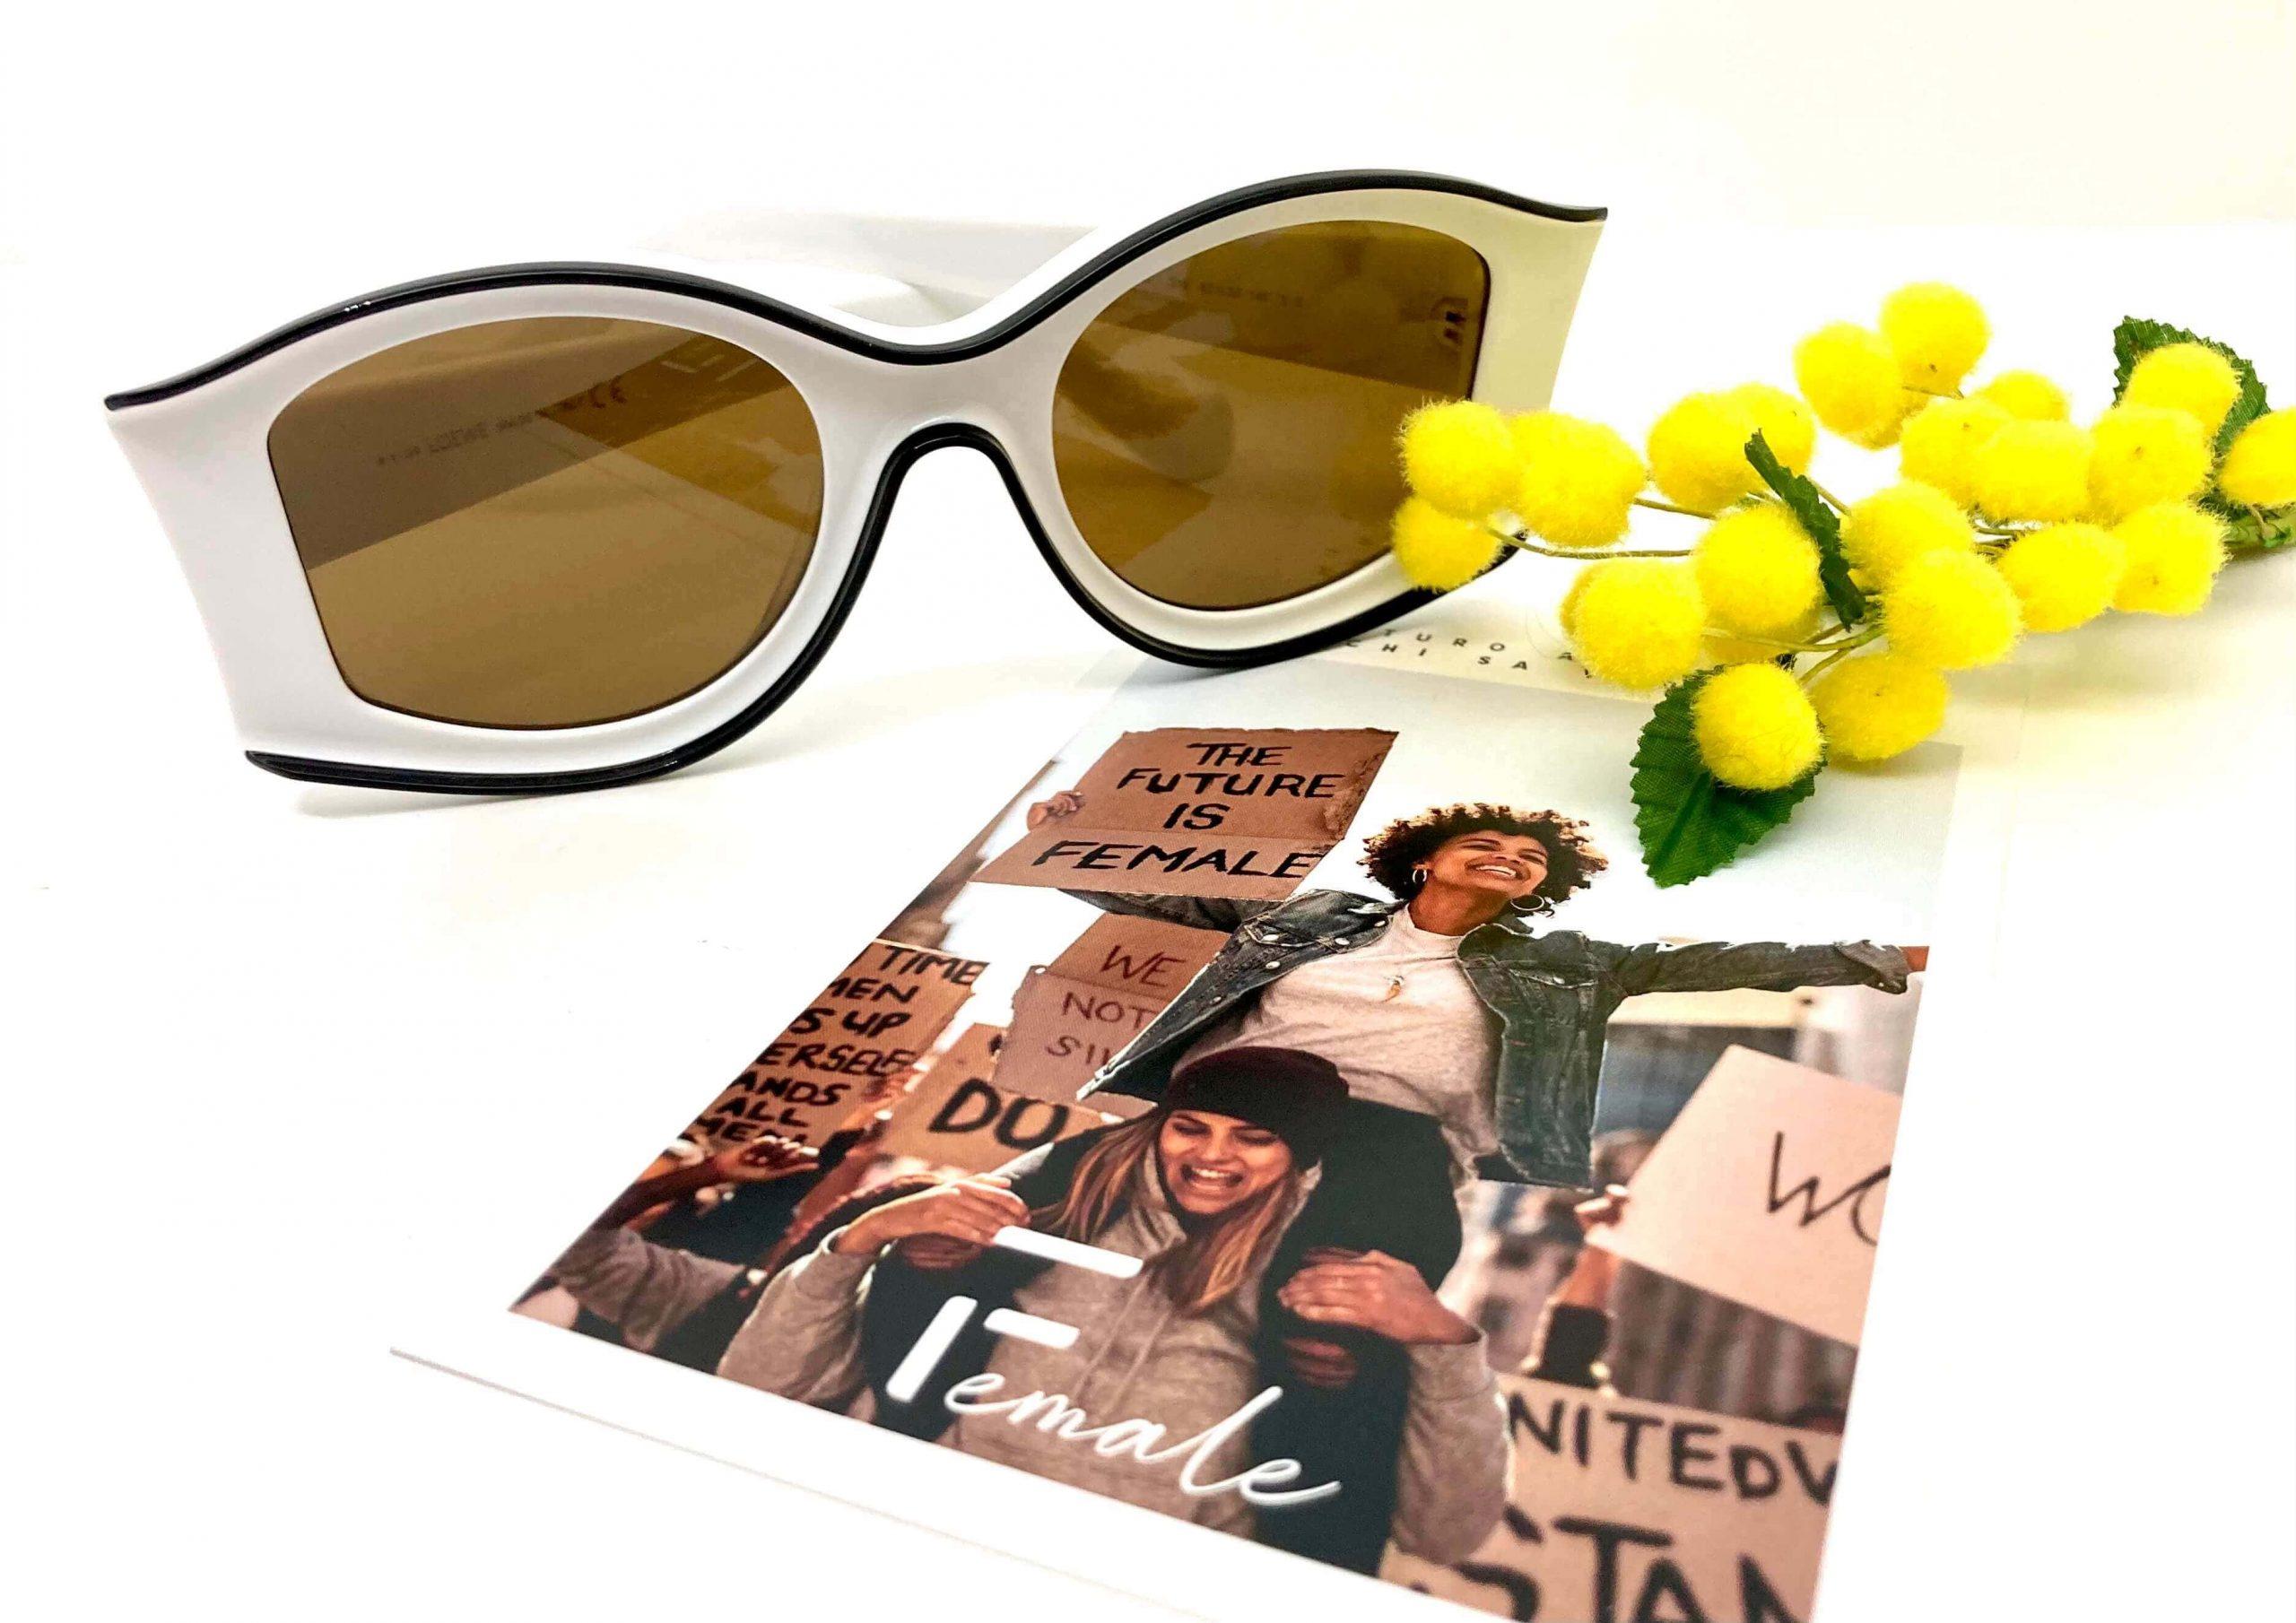 occhiali da sole donna LOEWElw40047 versione con immagine donne e mimosa